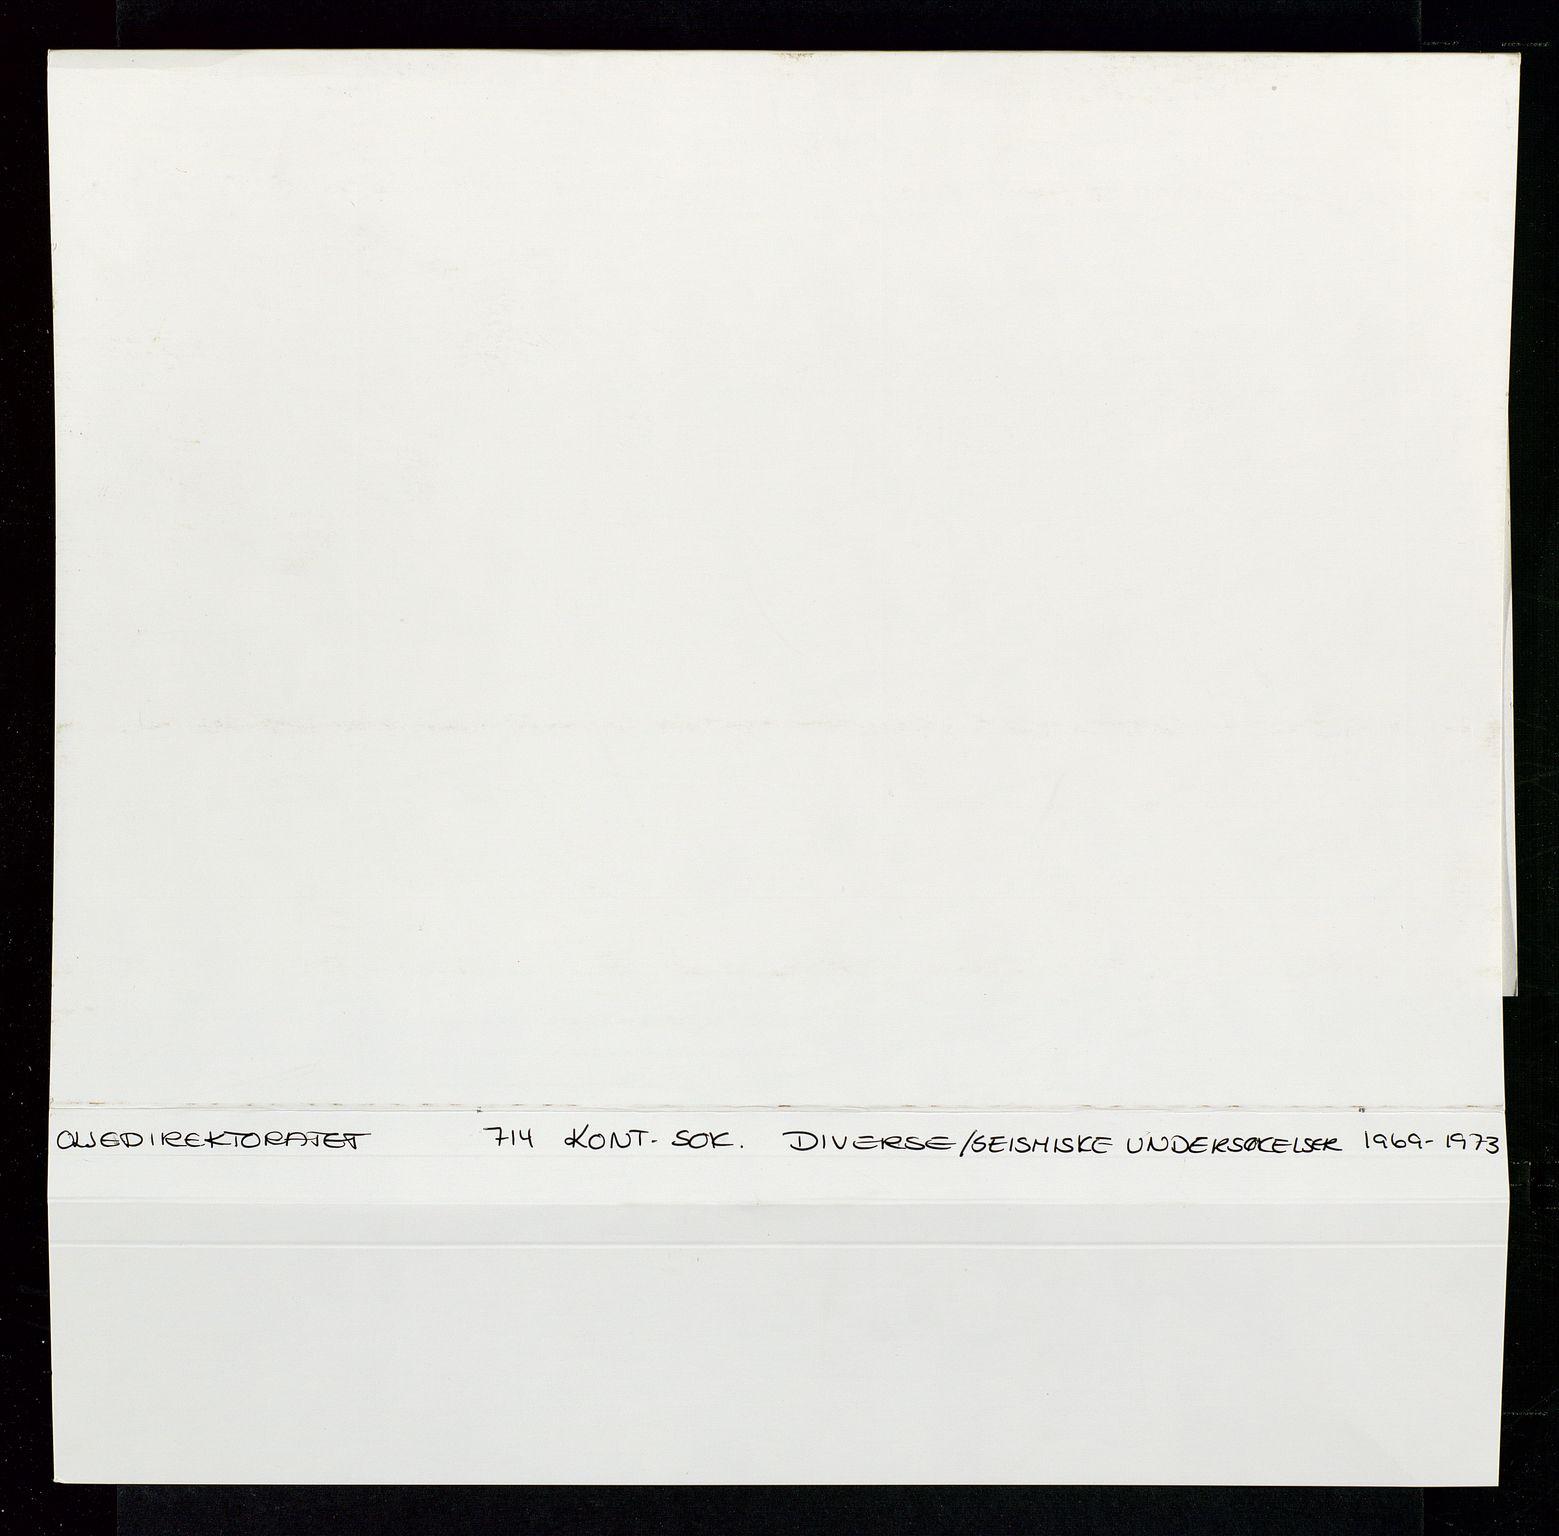 SAST, Industridepartementet, Oljekontoret, Da/L0006:  Arkivnøkkel 714 Vitenskapelige undersøkelser, 1963-1973, s. 428